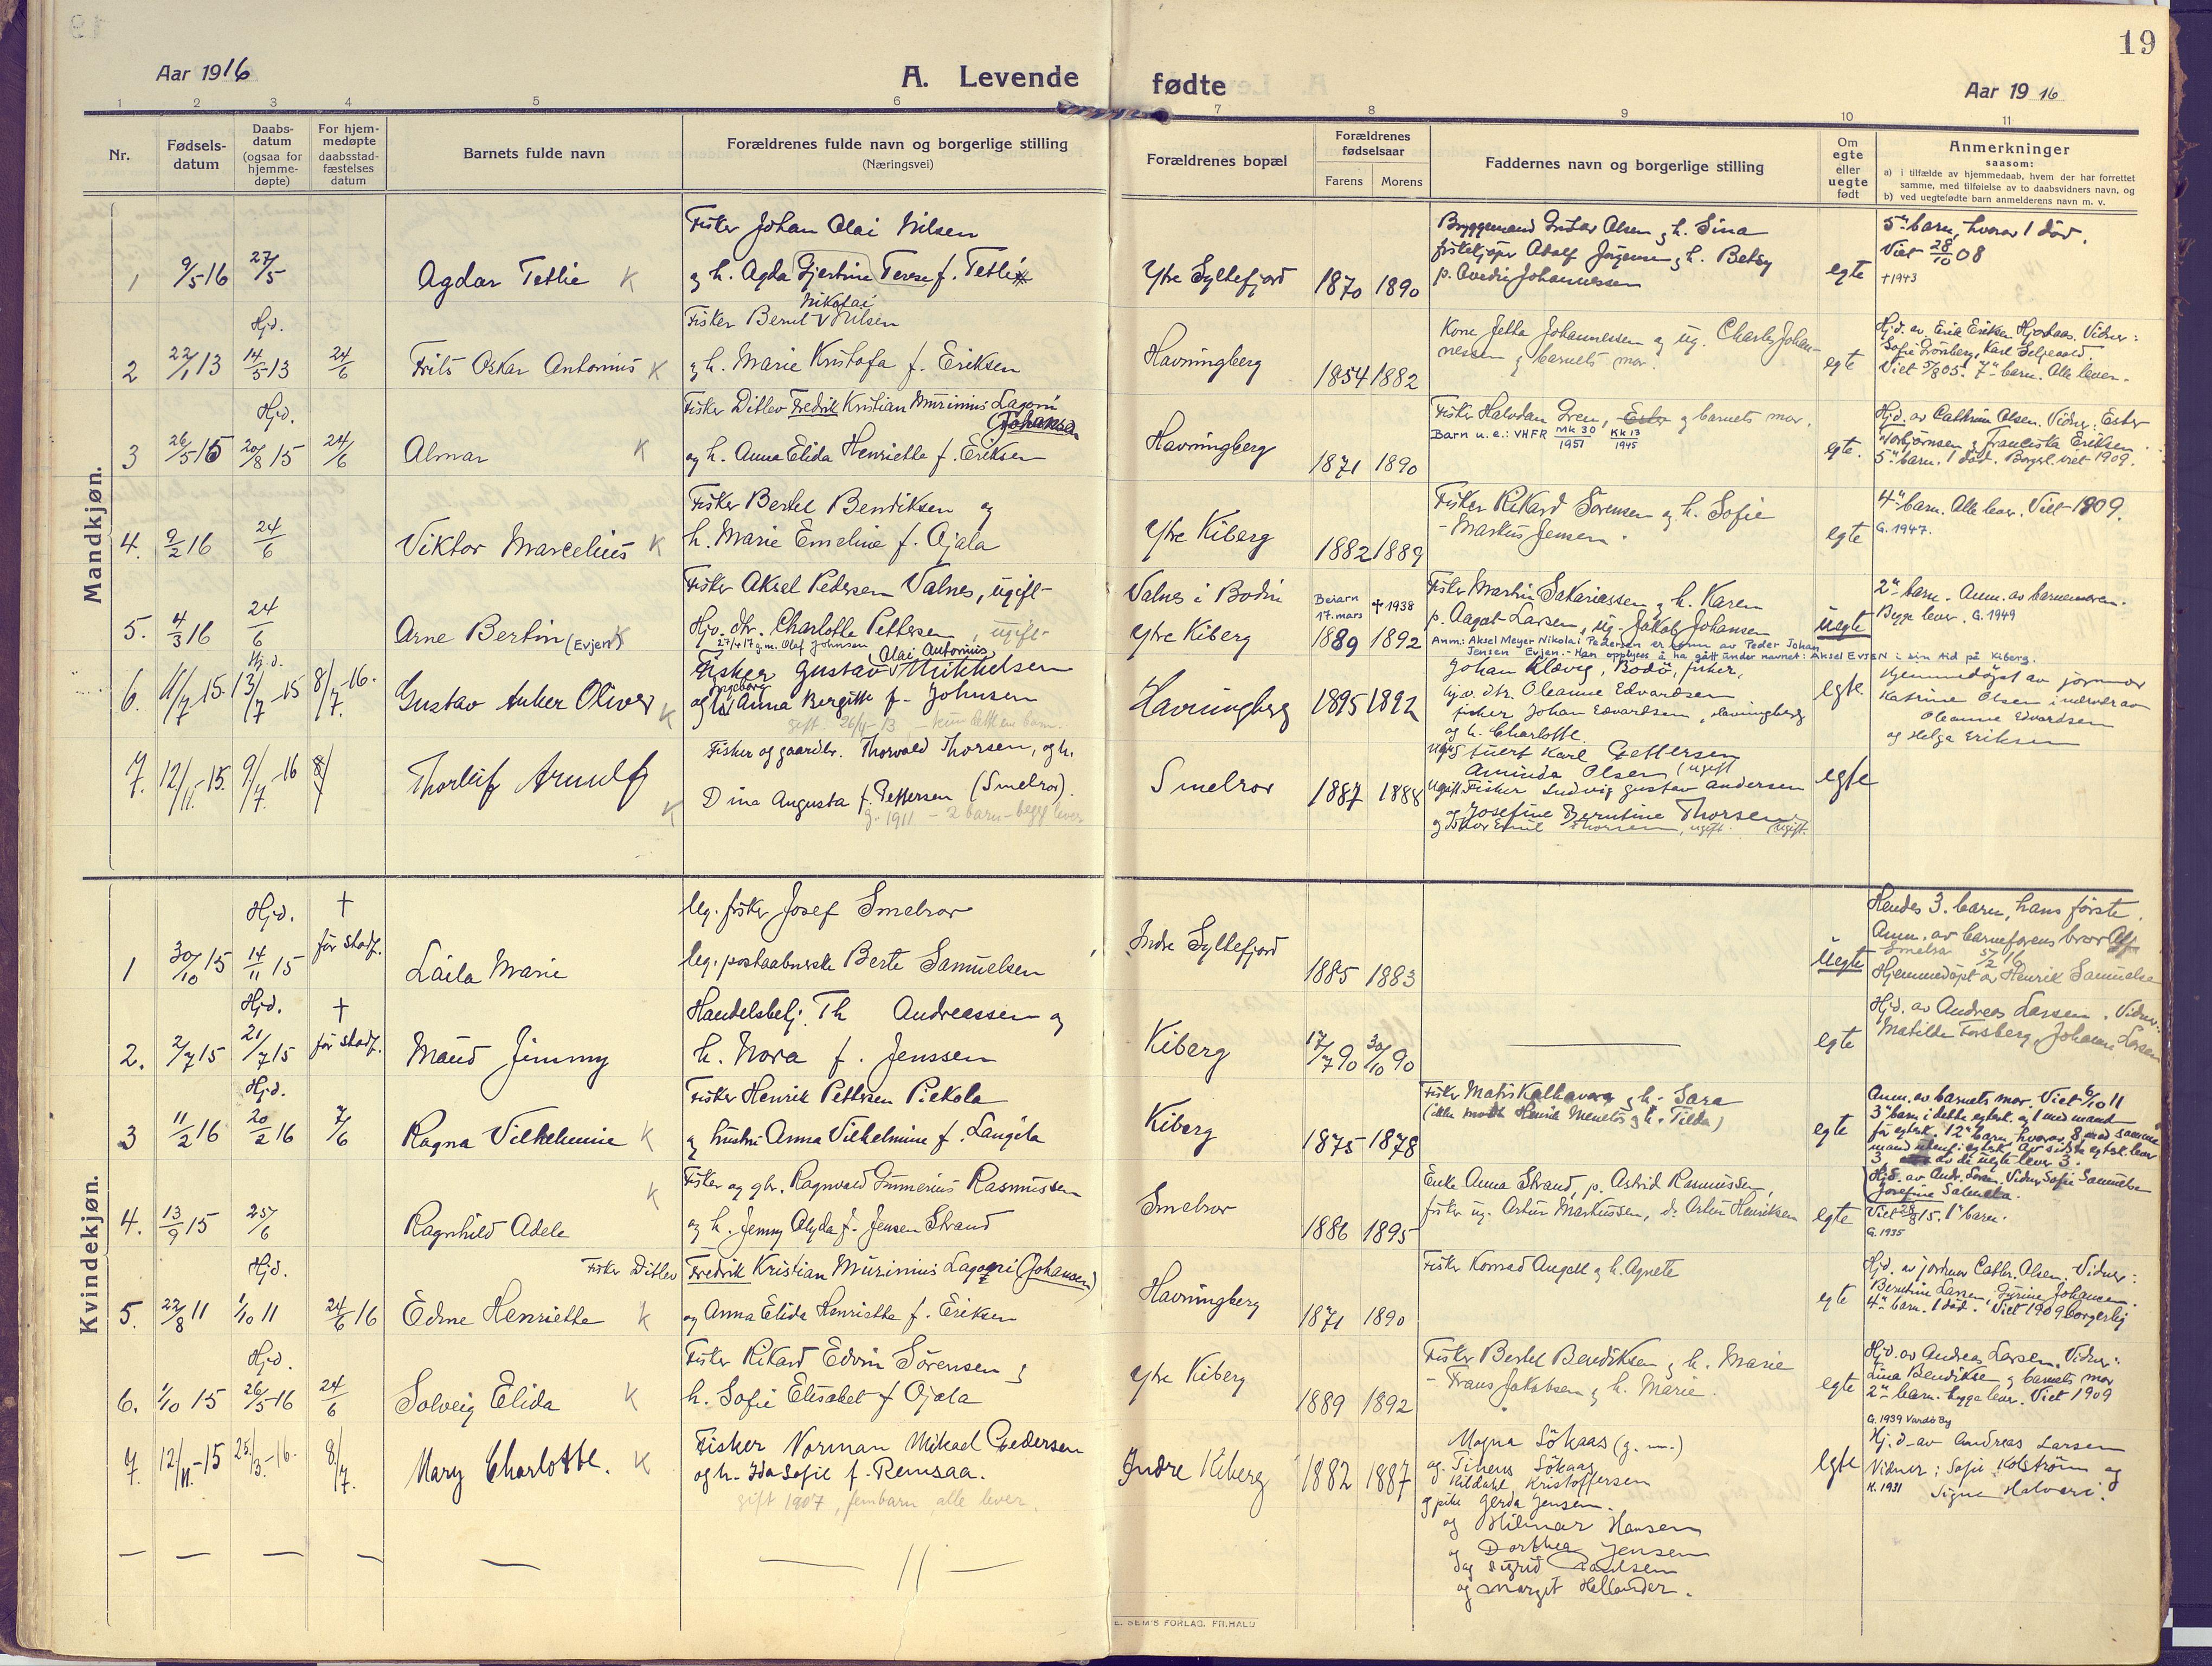 SATØ, Vardø sokneprestkontor, H/Ha/L0013kirke: Ministerialbok nr. 13, 1912-1928, s. 19